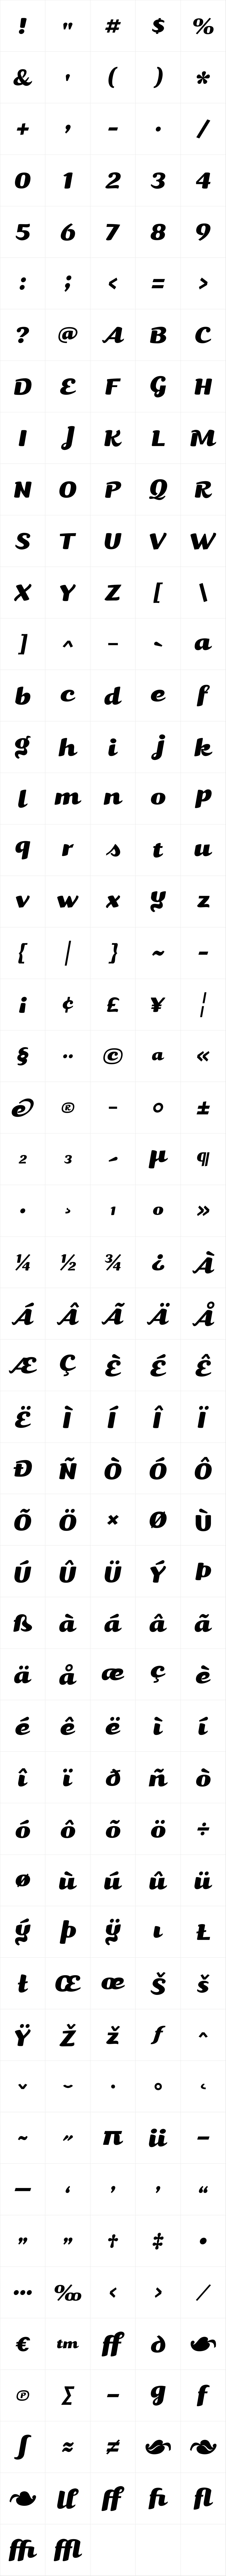 Kari Pro Italic